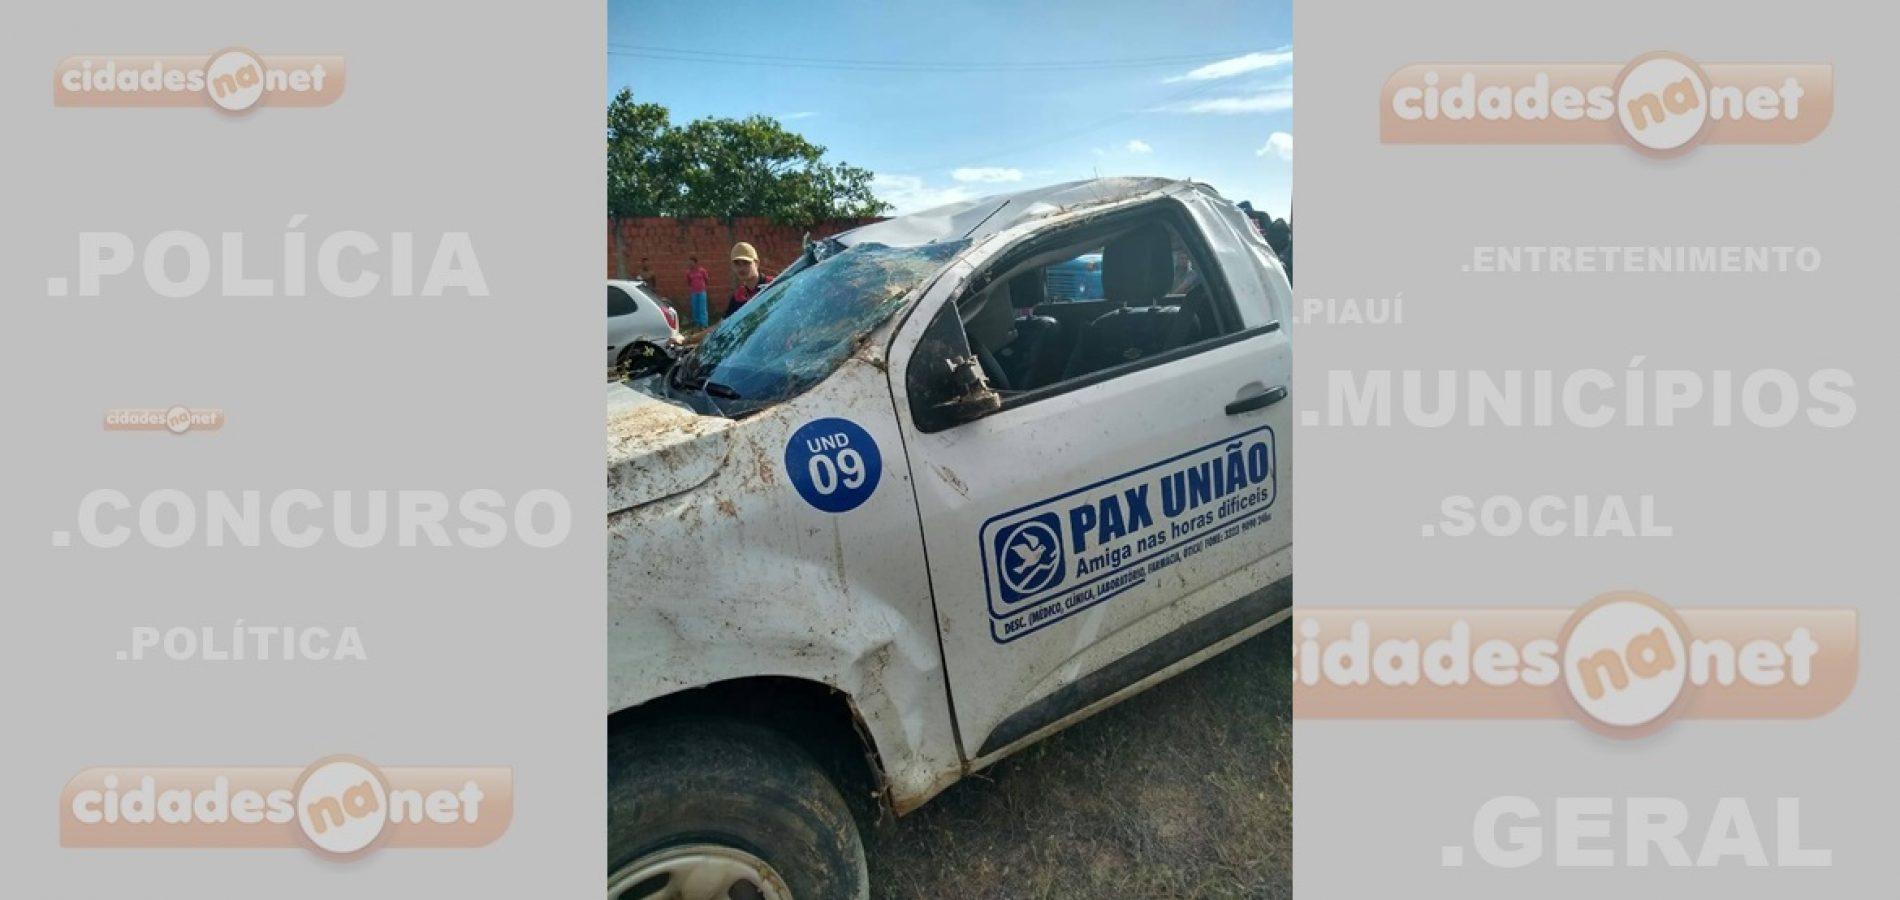 Motorista perde controle e capota carro de funerária no PI